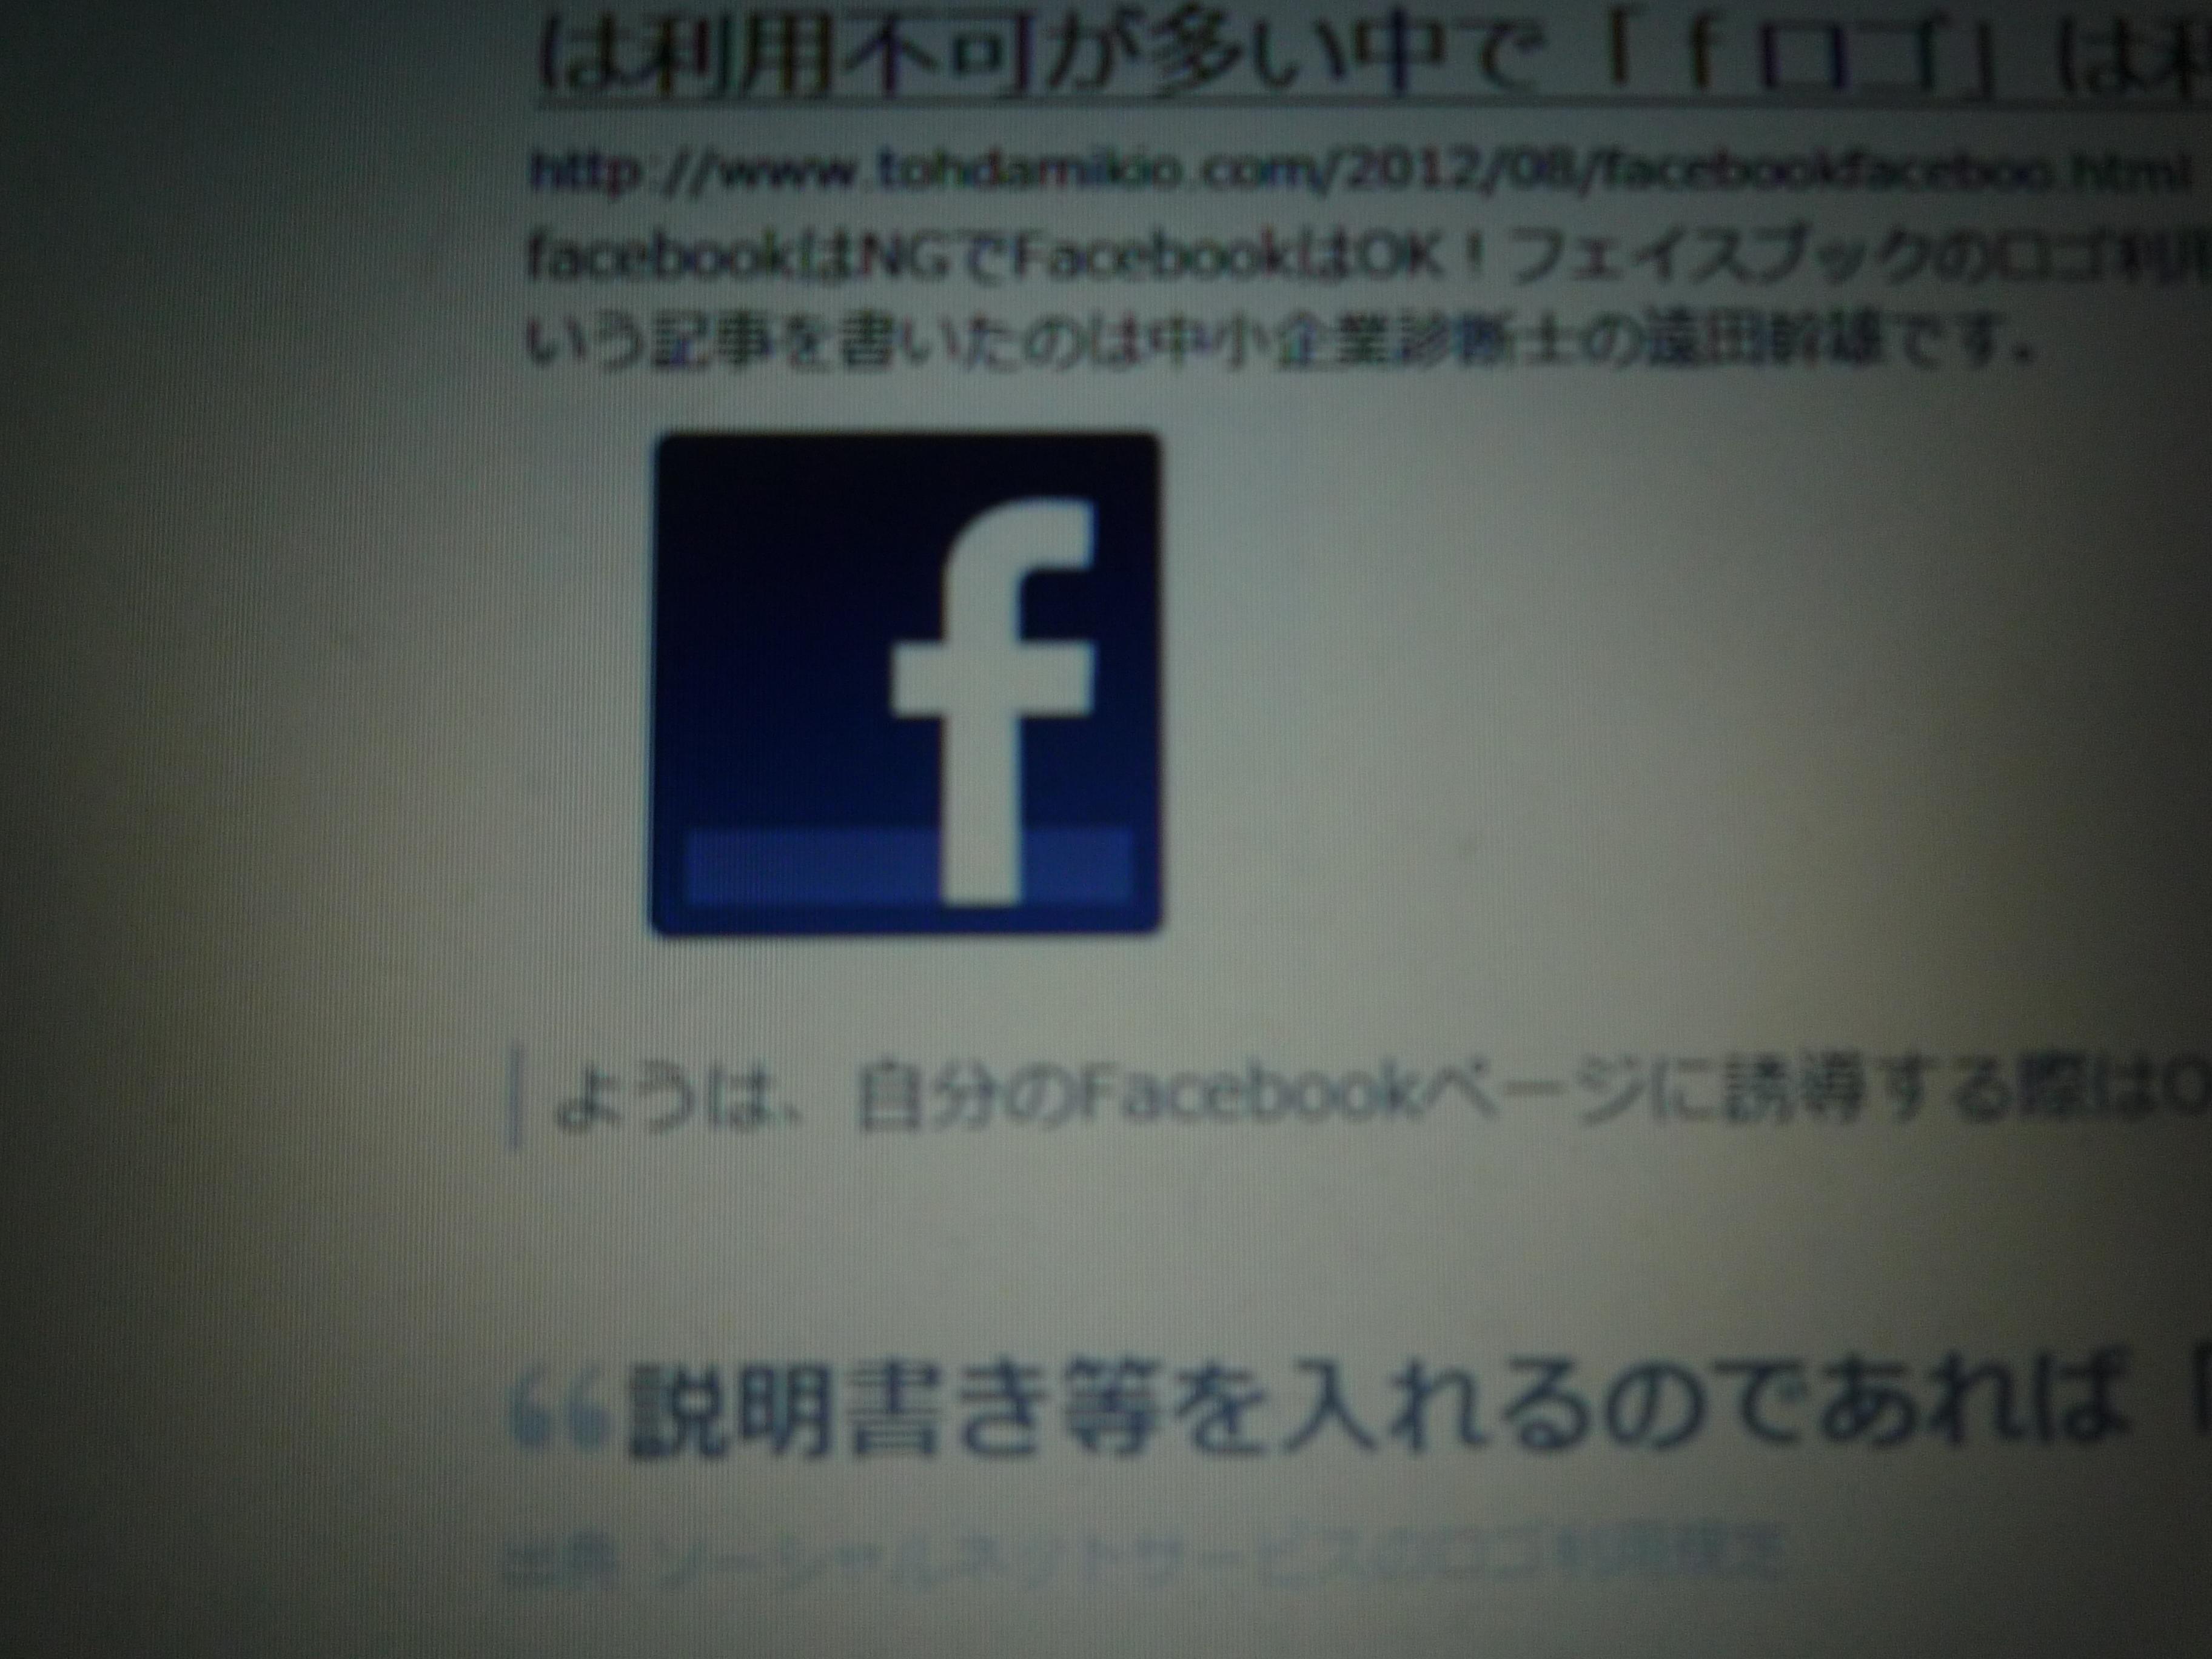 フェイスブックの恋